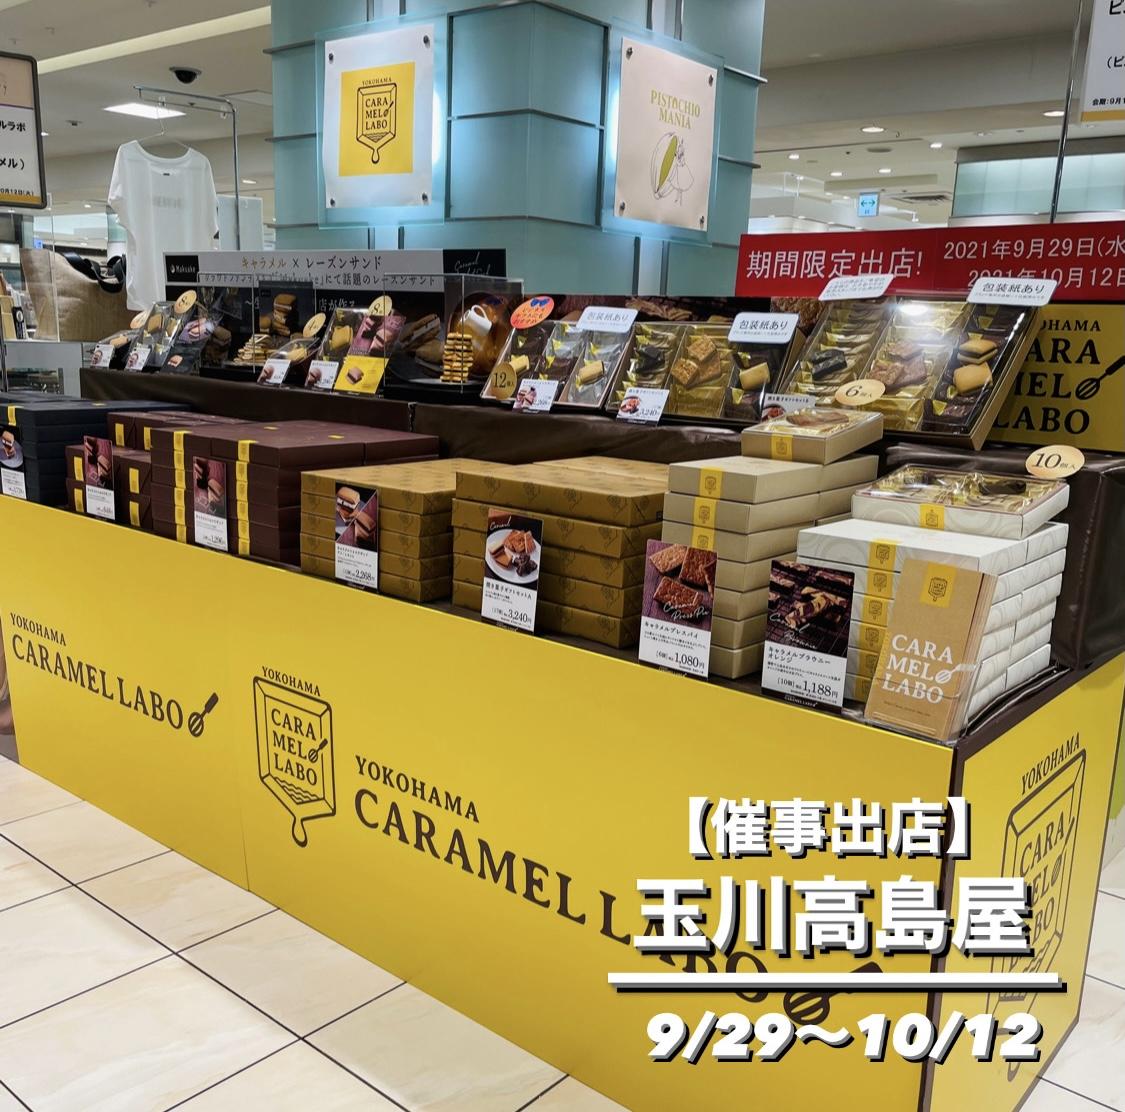 玉川髙島屋に期間限定(9/29〜10/12)初出店!!